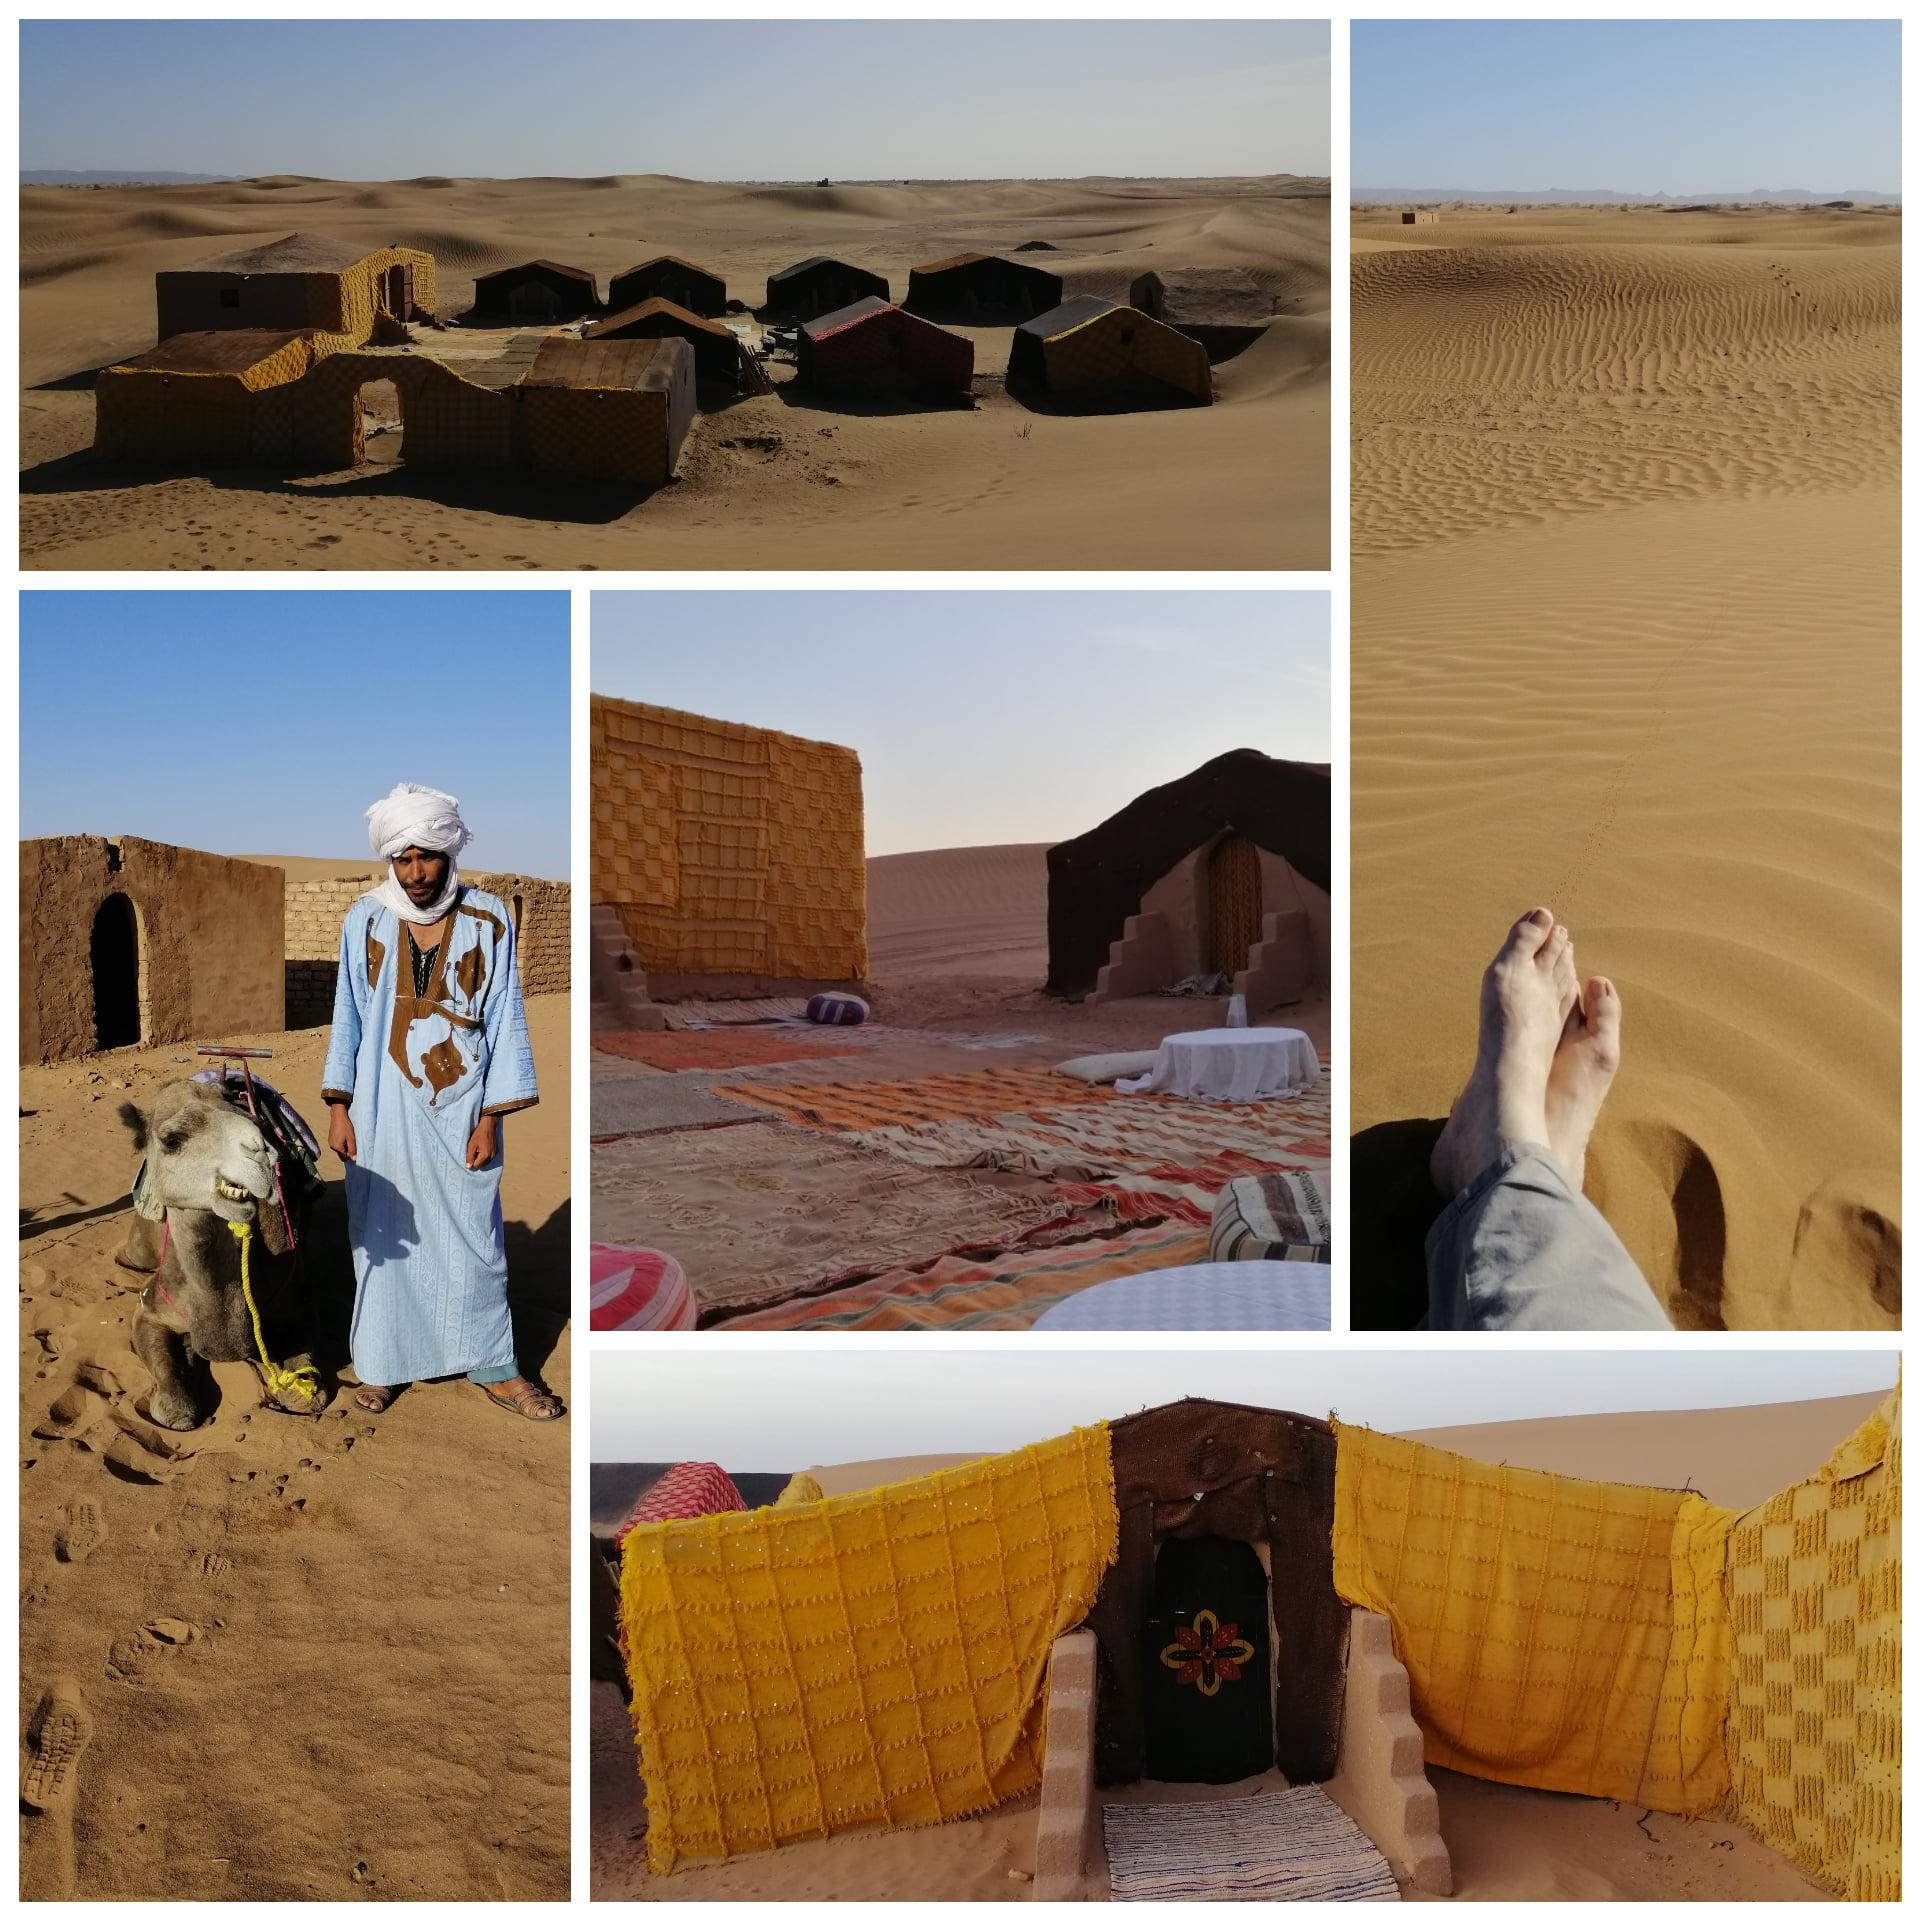 15 au 26 février 2021 : Voyage culturel et de ressourcement dans le désert au Maroc 7